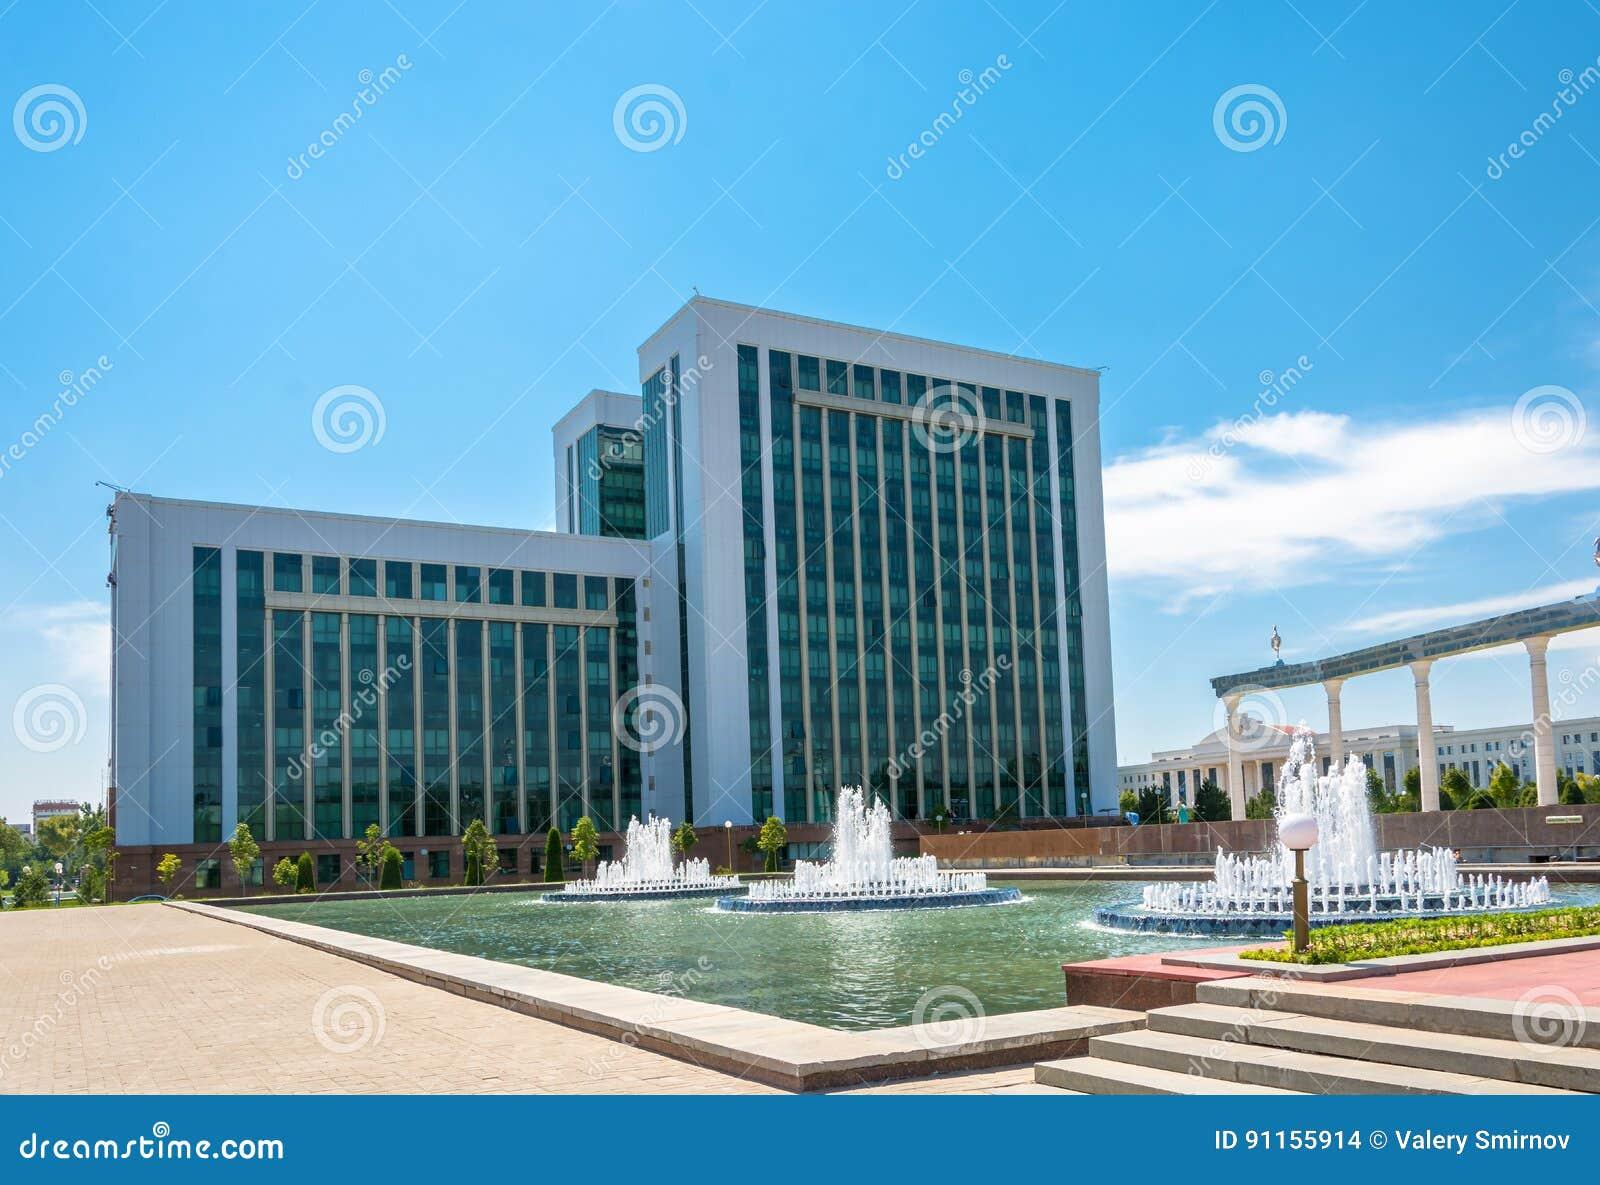 De bouw van het Ministerie van Financiën in Tashkent, Oezbekistan